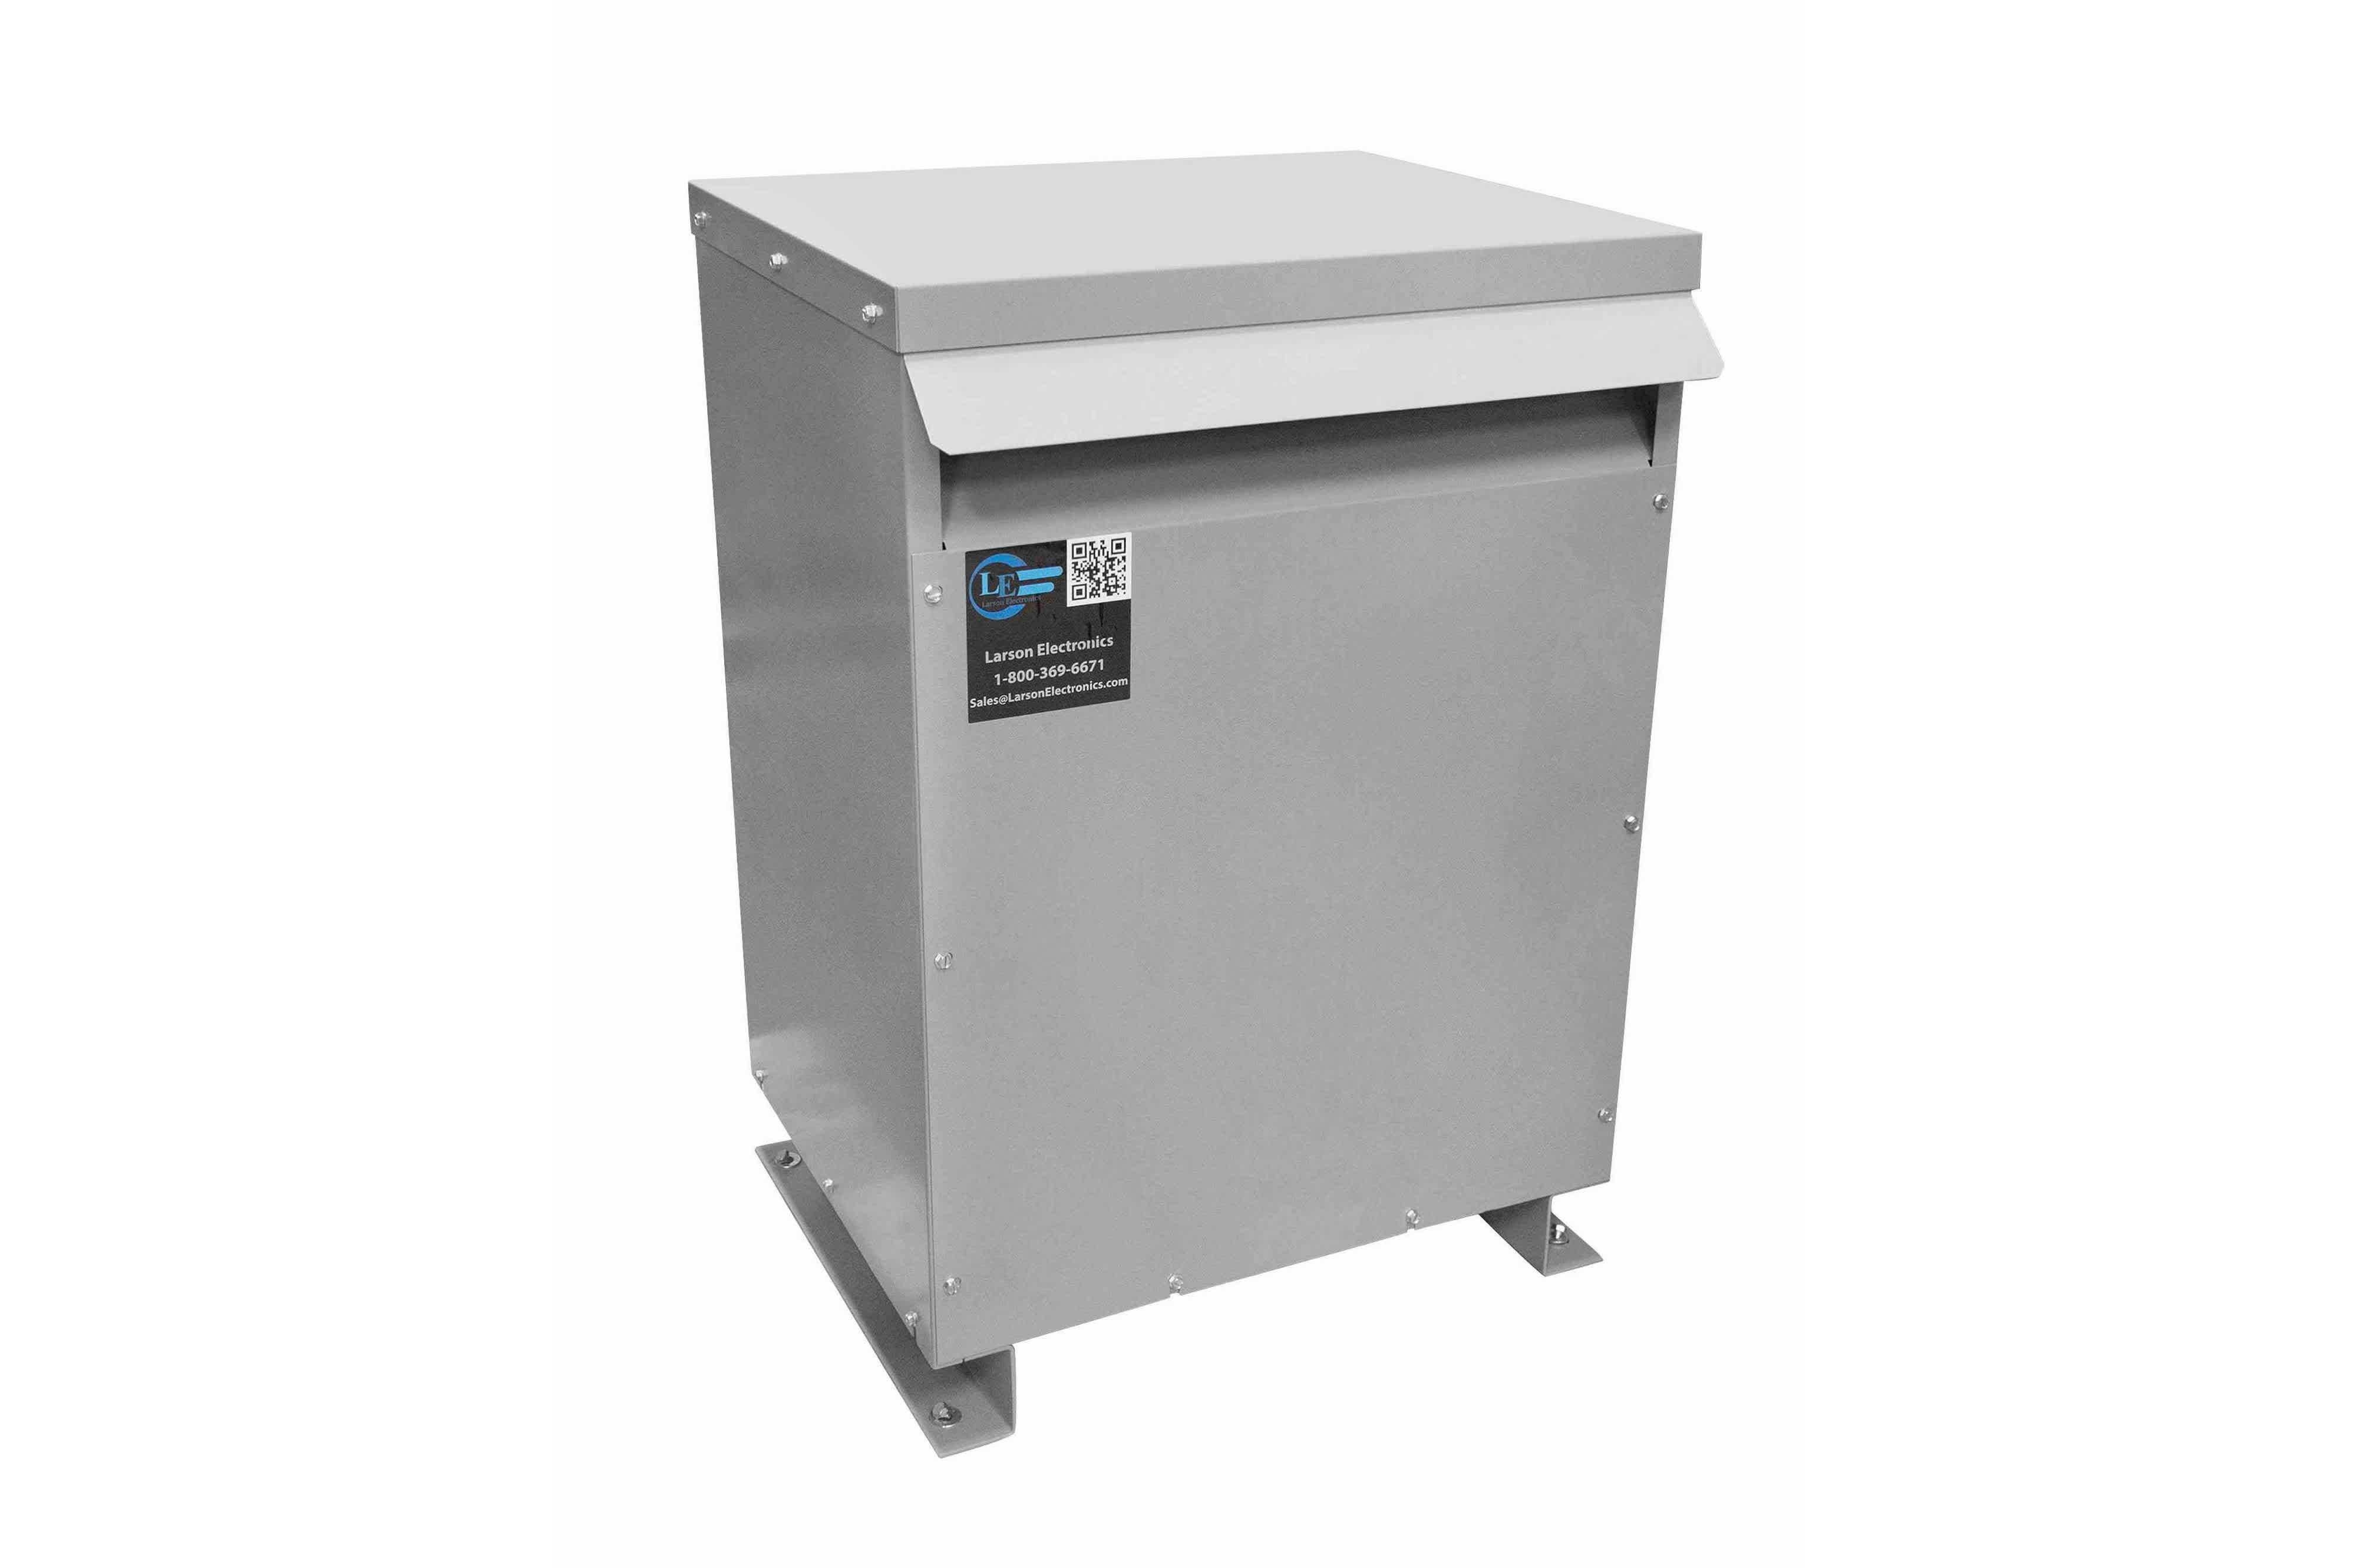 11 kVA 3PH Isolation Transformer, 480V Delta Primary, 400V Delta Secondary, N3R, Ventilated, 60 Hz